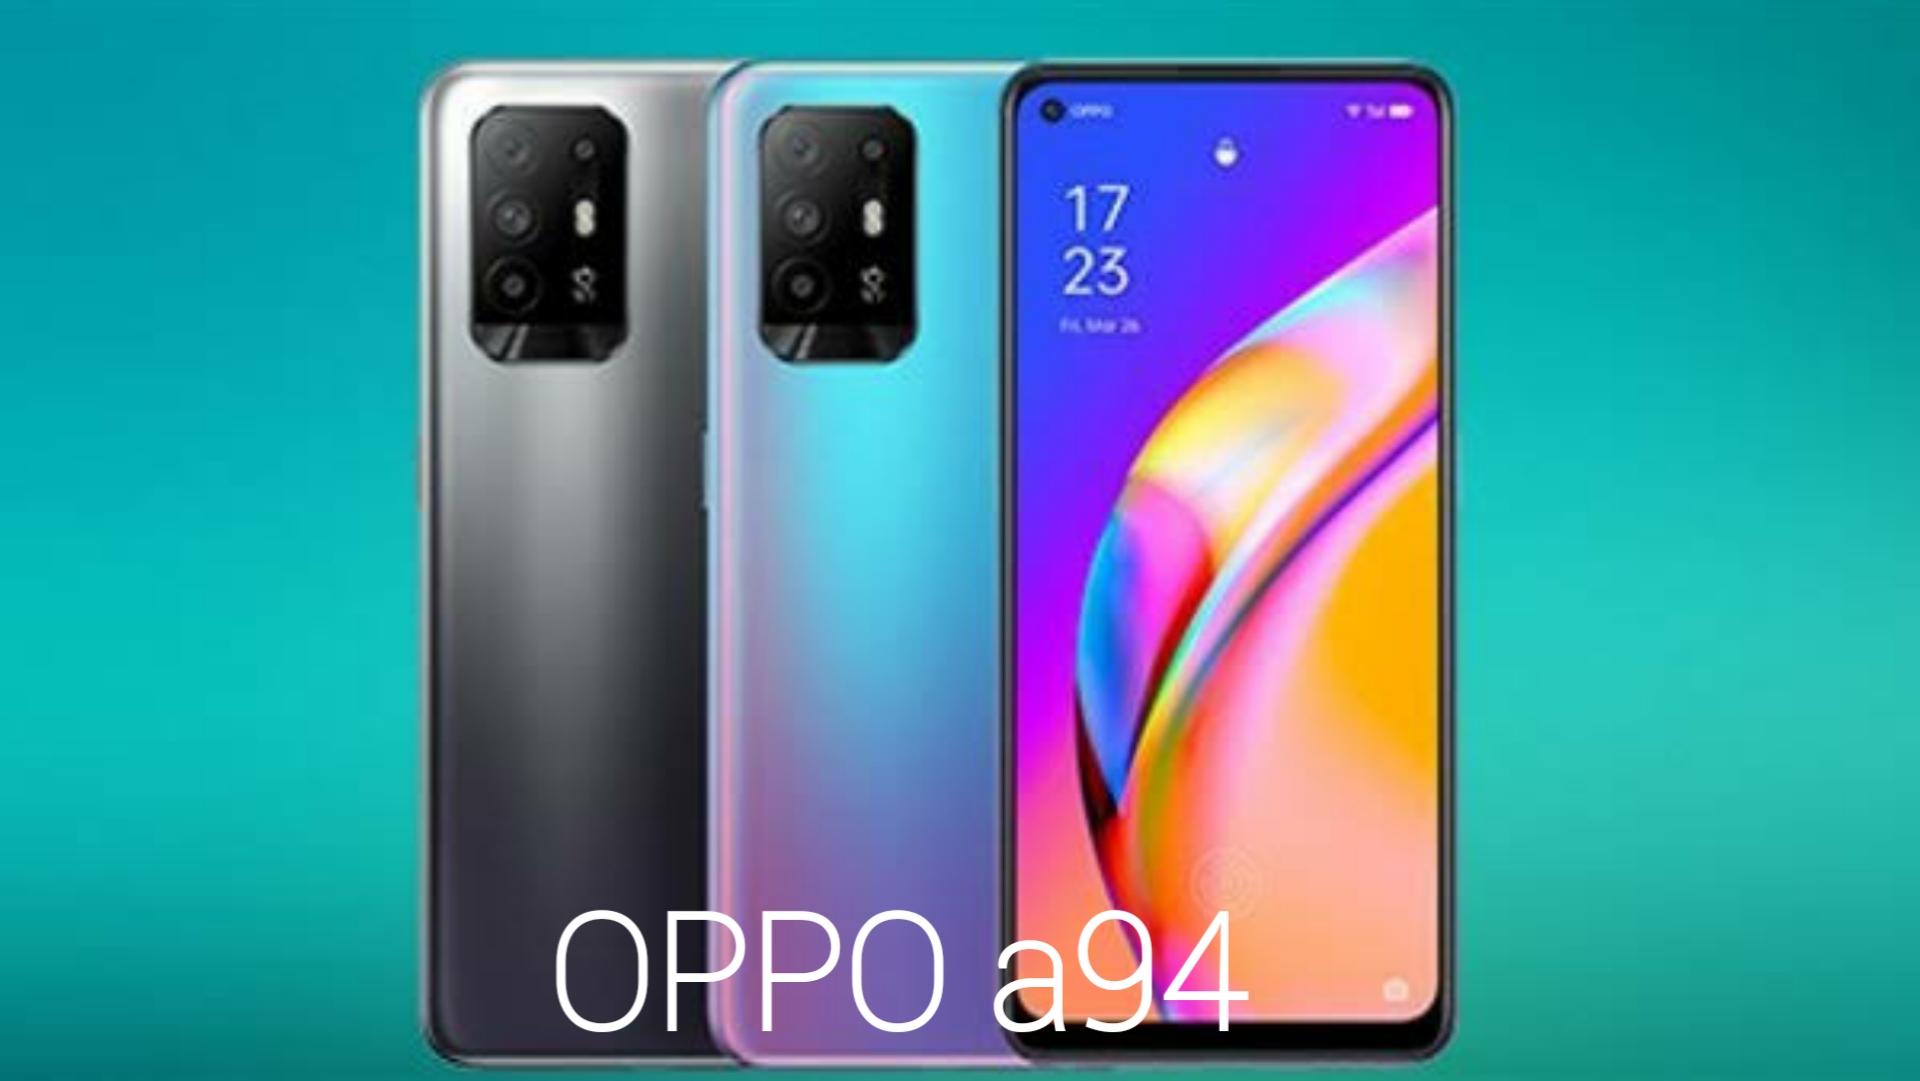 سعر ومواصفات هاتف اوبو a94 أحدث هواتفها المحمولة OPPO